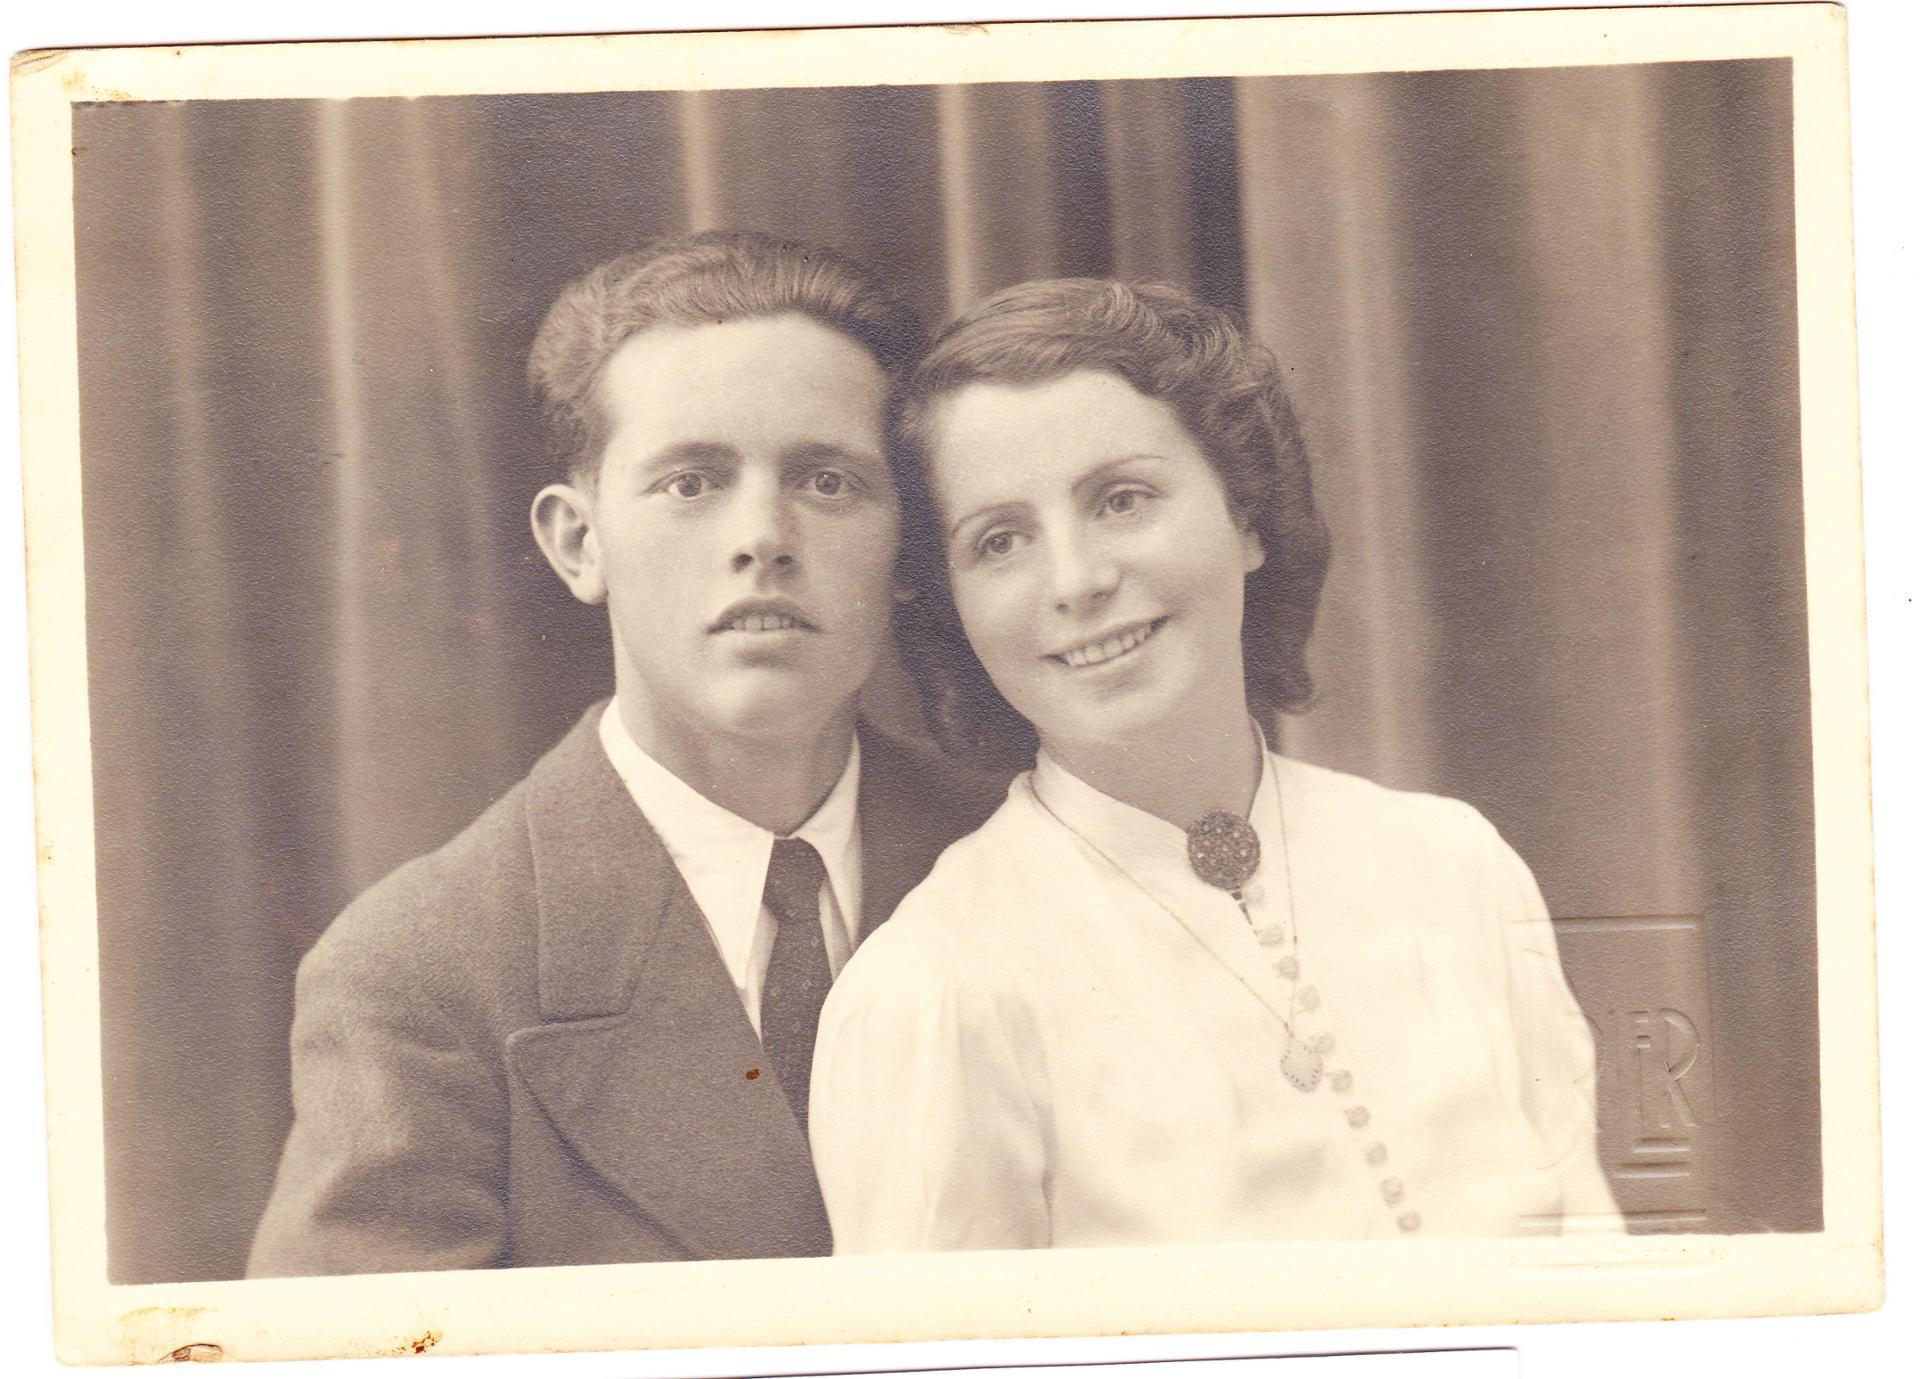 Alberto et Gilberte 70 ans plus tôt